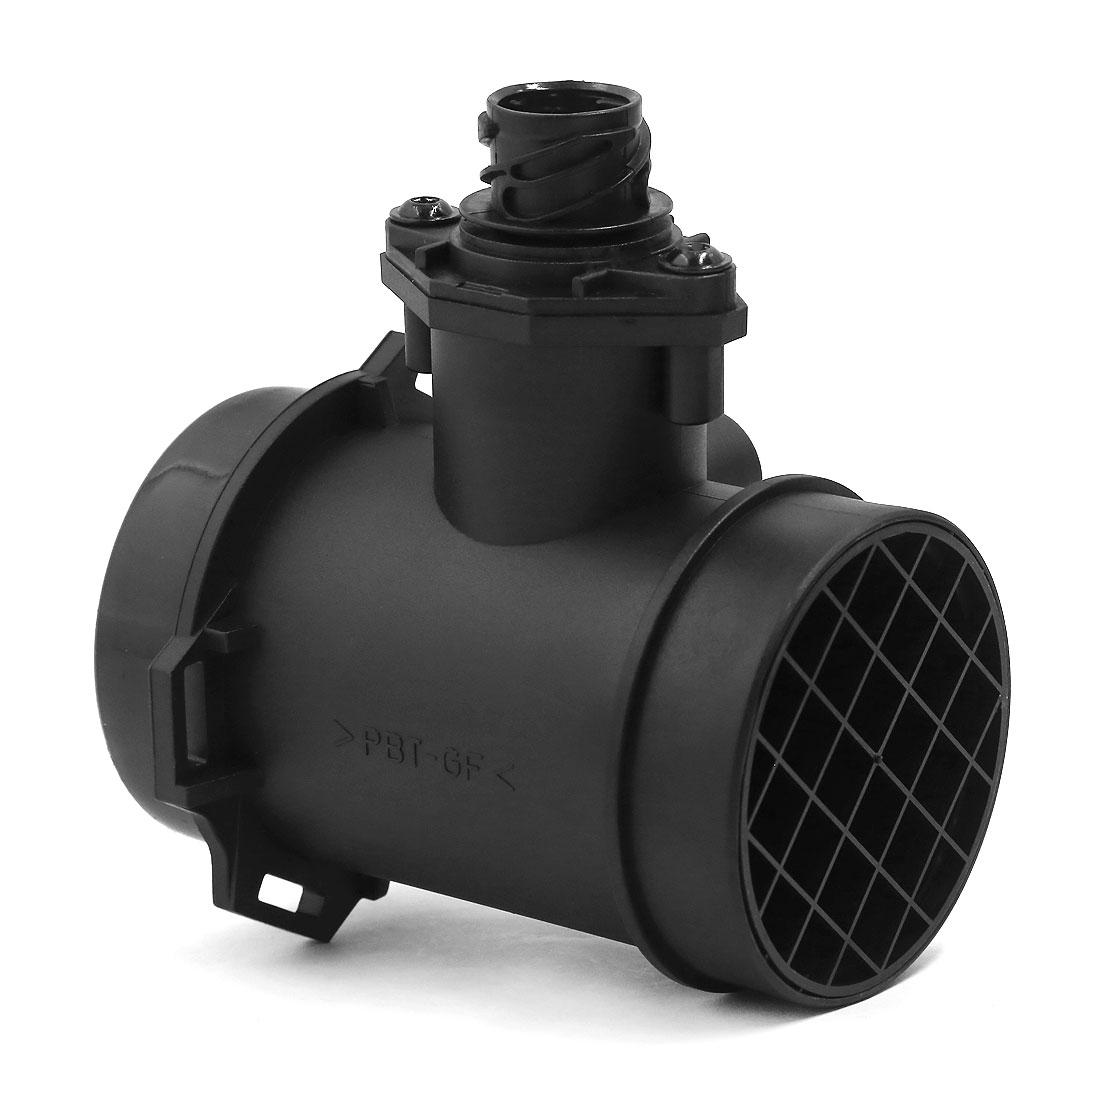 Mass Air Flow Meter MAF Sensor For BMW 13621738908 / 13621733258 / 13621747155 High Quality